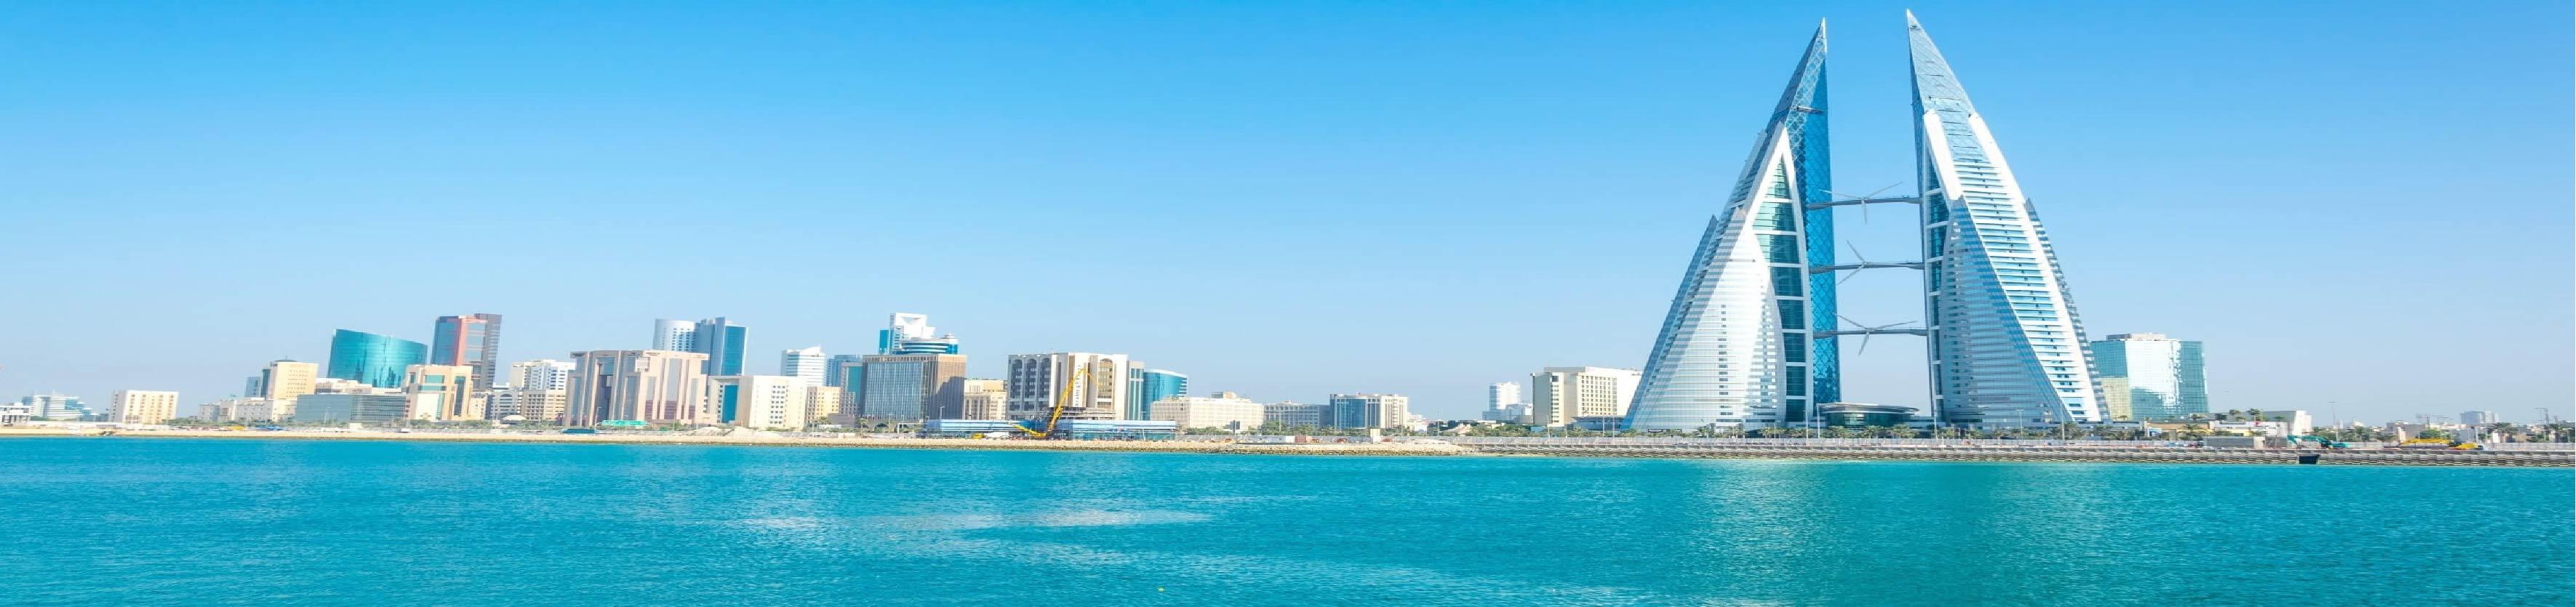 المستشفيات في البحرين: قائمة المستشفيات في البحرين للمغتربين